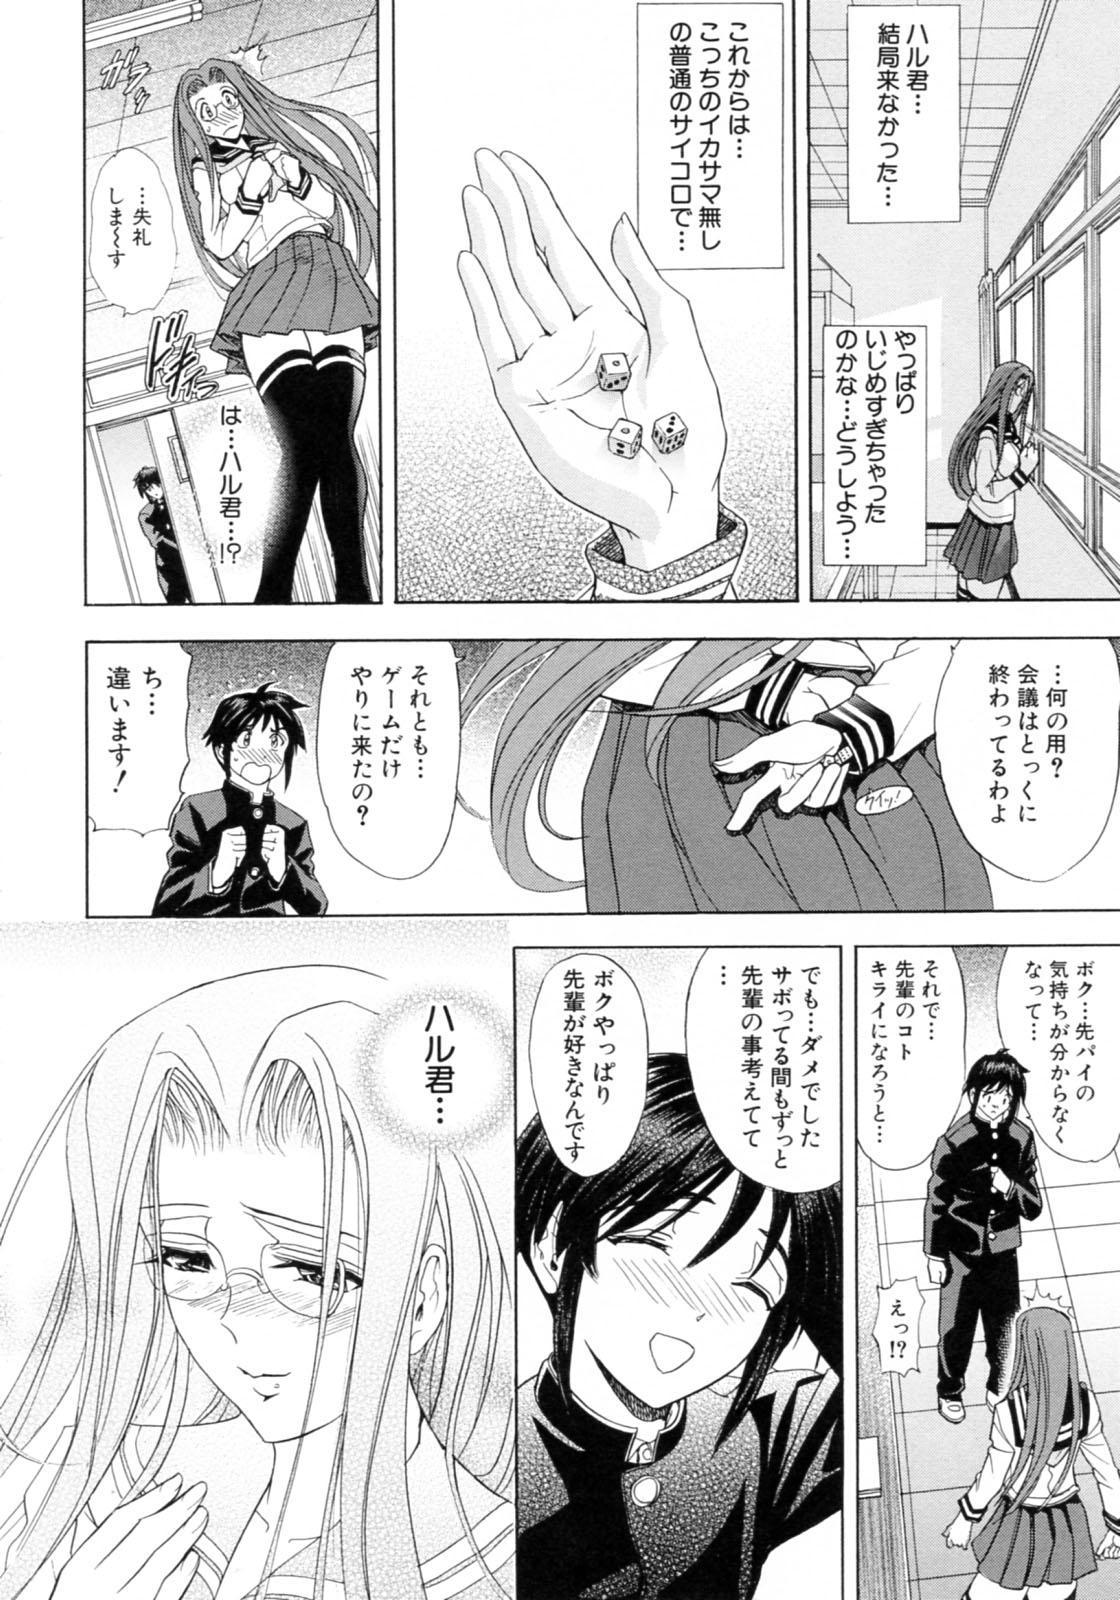 Kinsoku Shikou 141